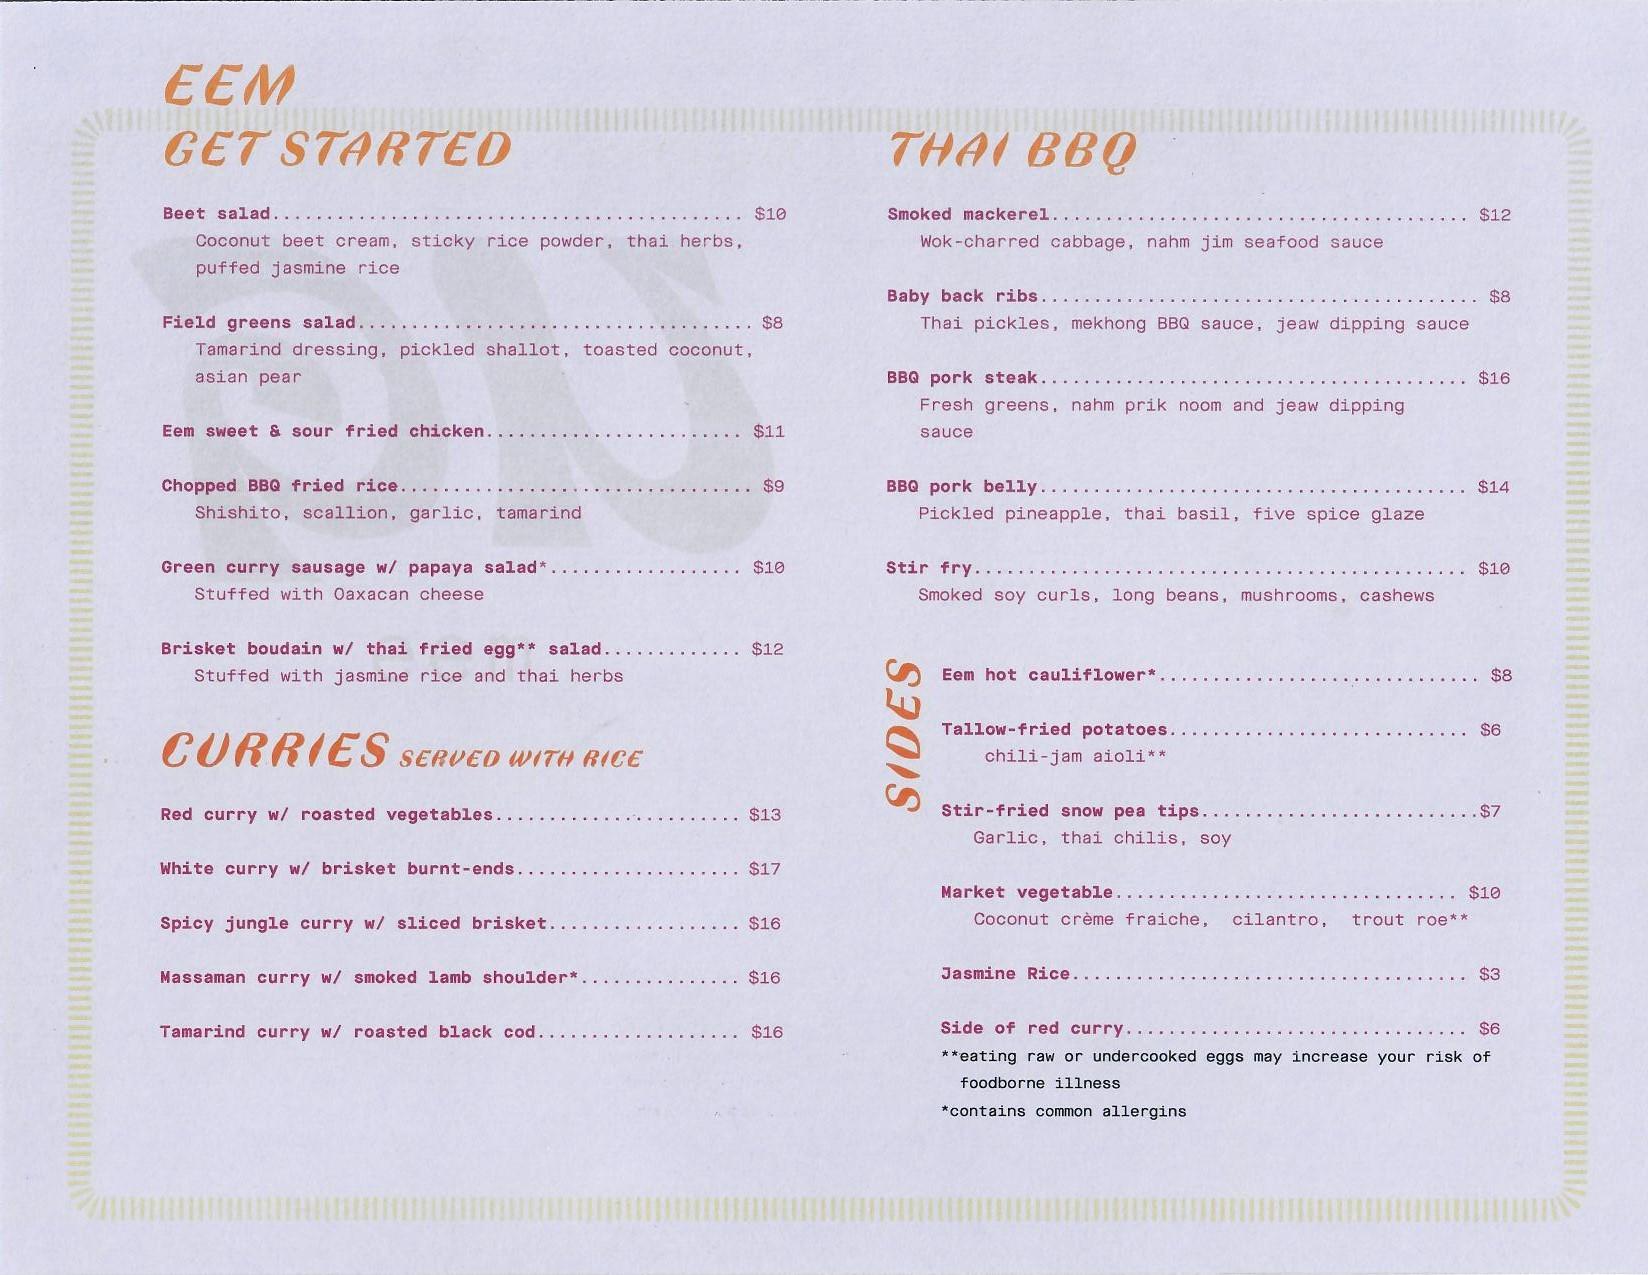 2019-04-23_155551 eem menu.jpg